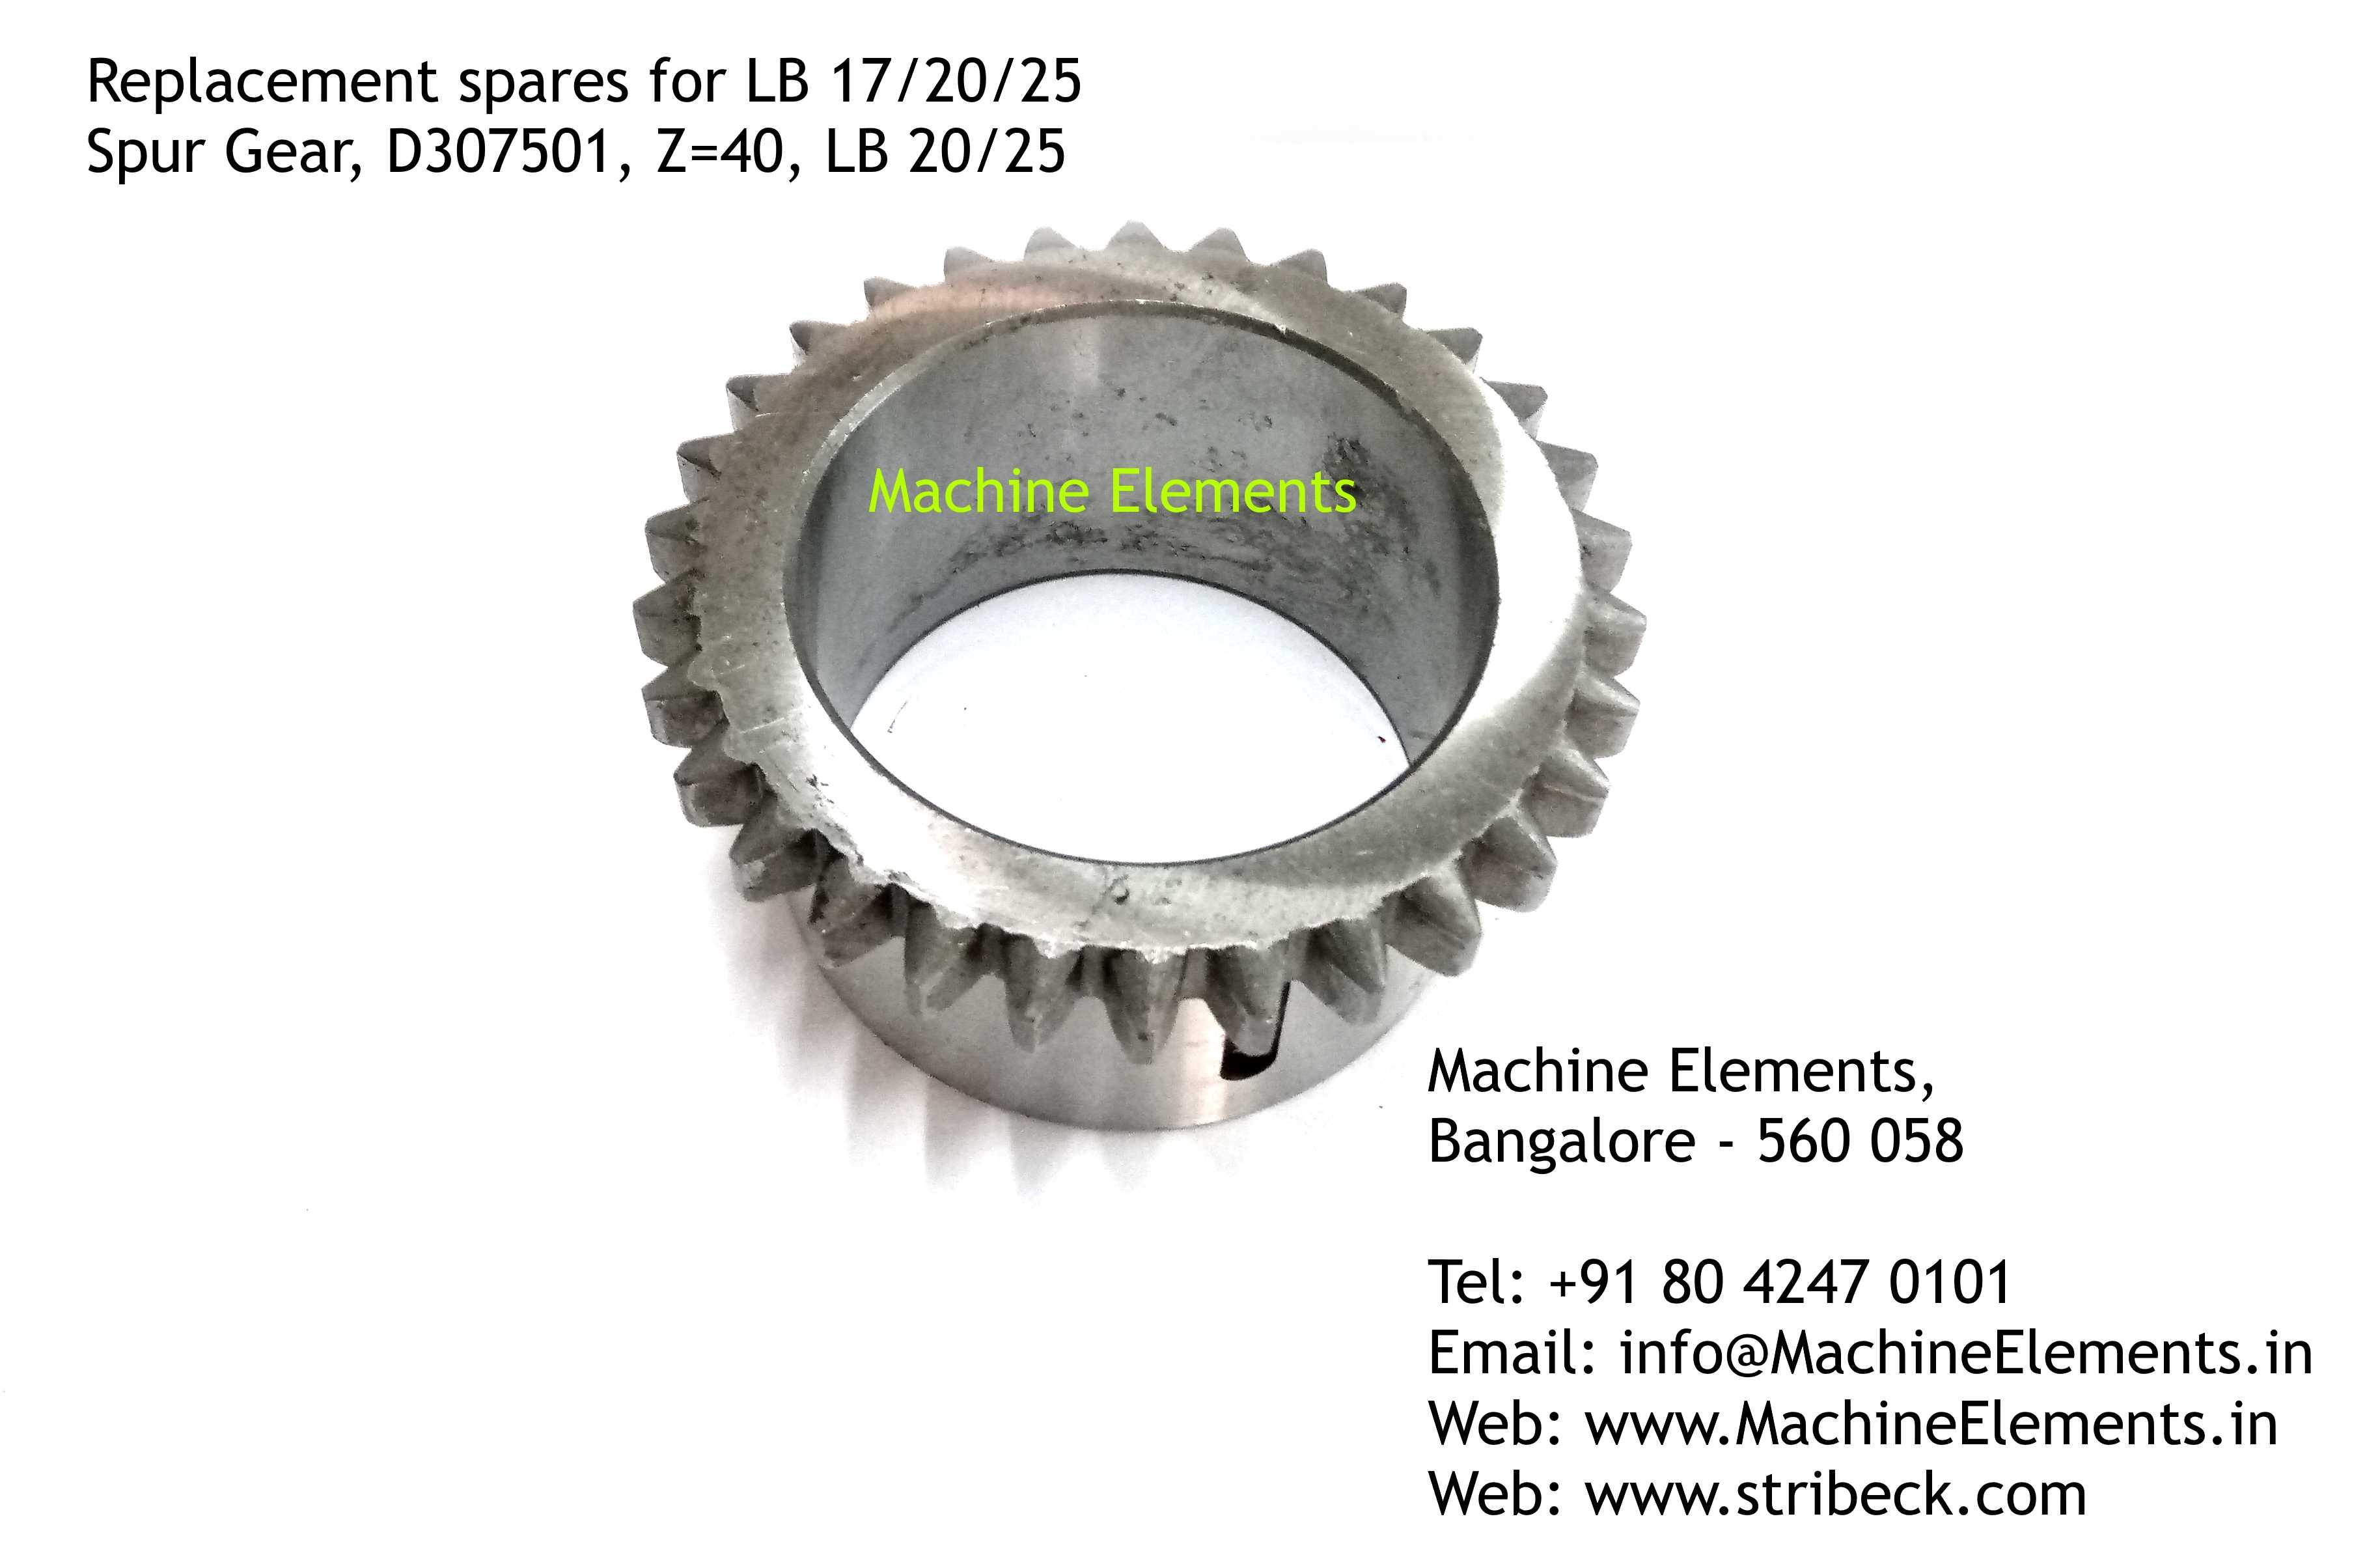 Spur Gear, D307501, Z=40